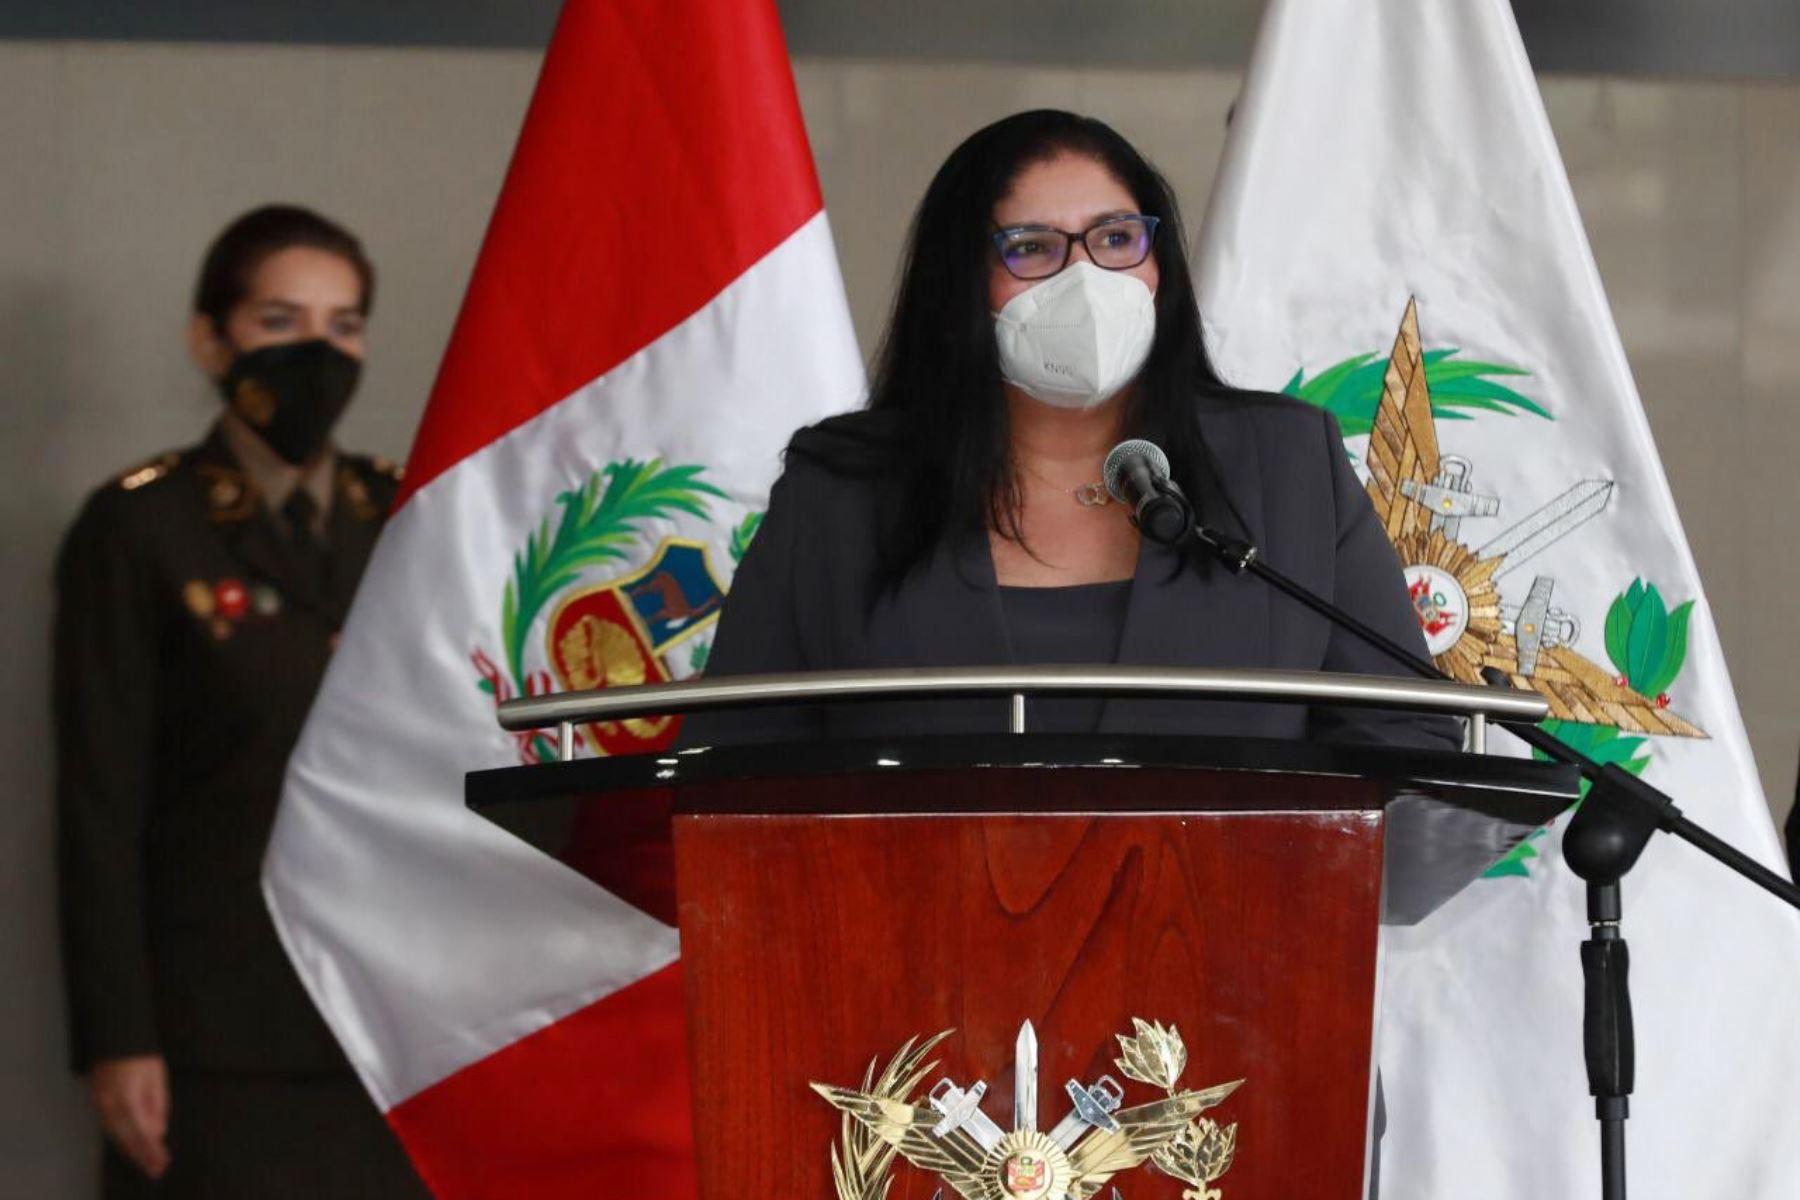 Ceremonia de presentación oficial de la ministra de Defensa, Nuria Esparch, ante los altos mandos de nuestras Fuerzas Armadas y el personal militar y civil del Mindef, en la sede central. Foto: Mindef